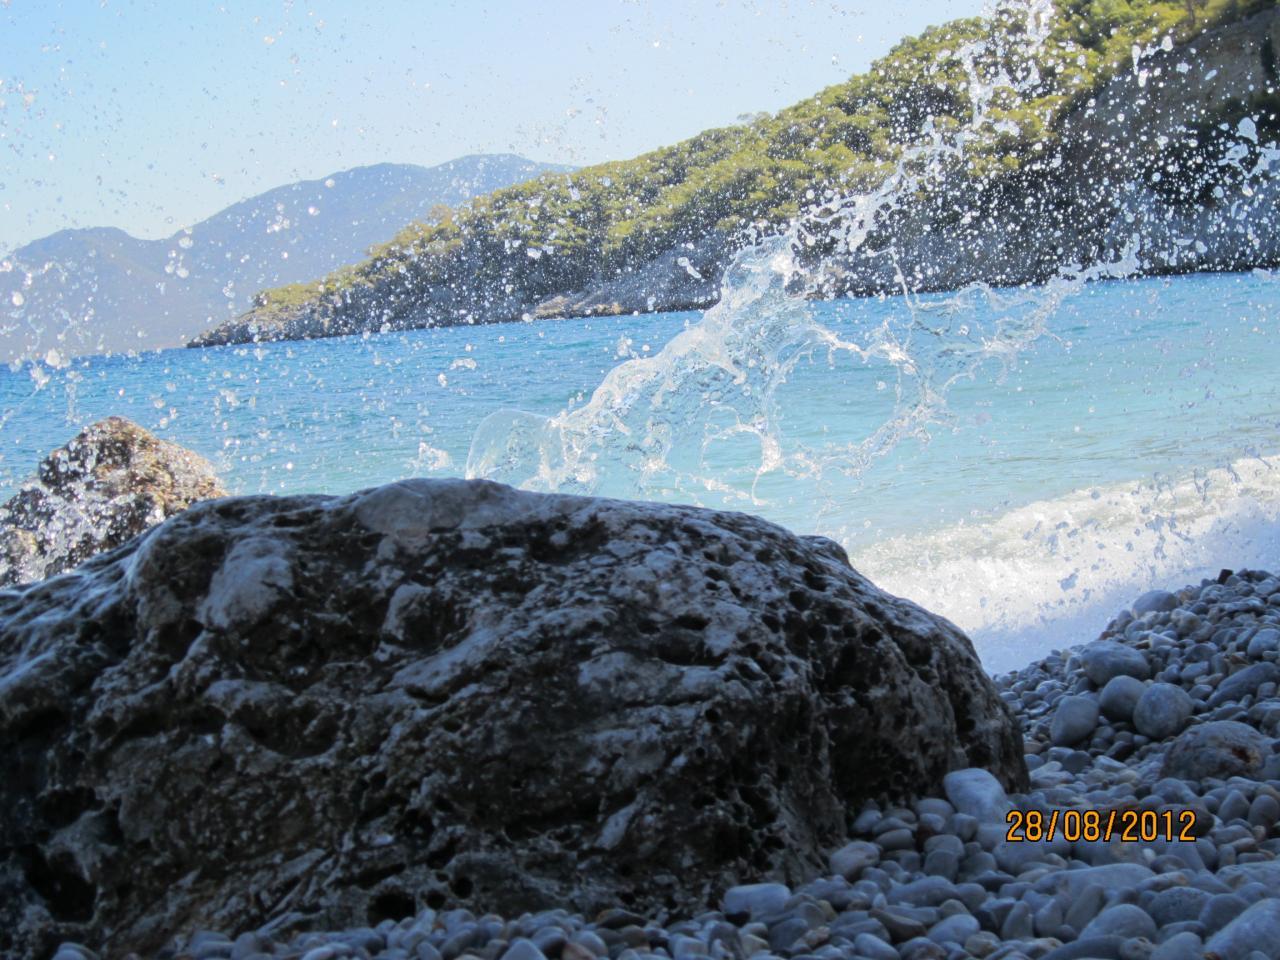 S jour libre avec v hicule sur les plages et r gion de gr ce for Sejour complet grece